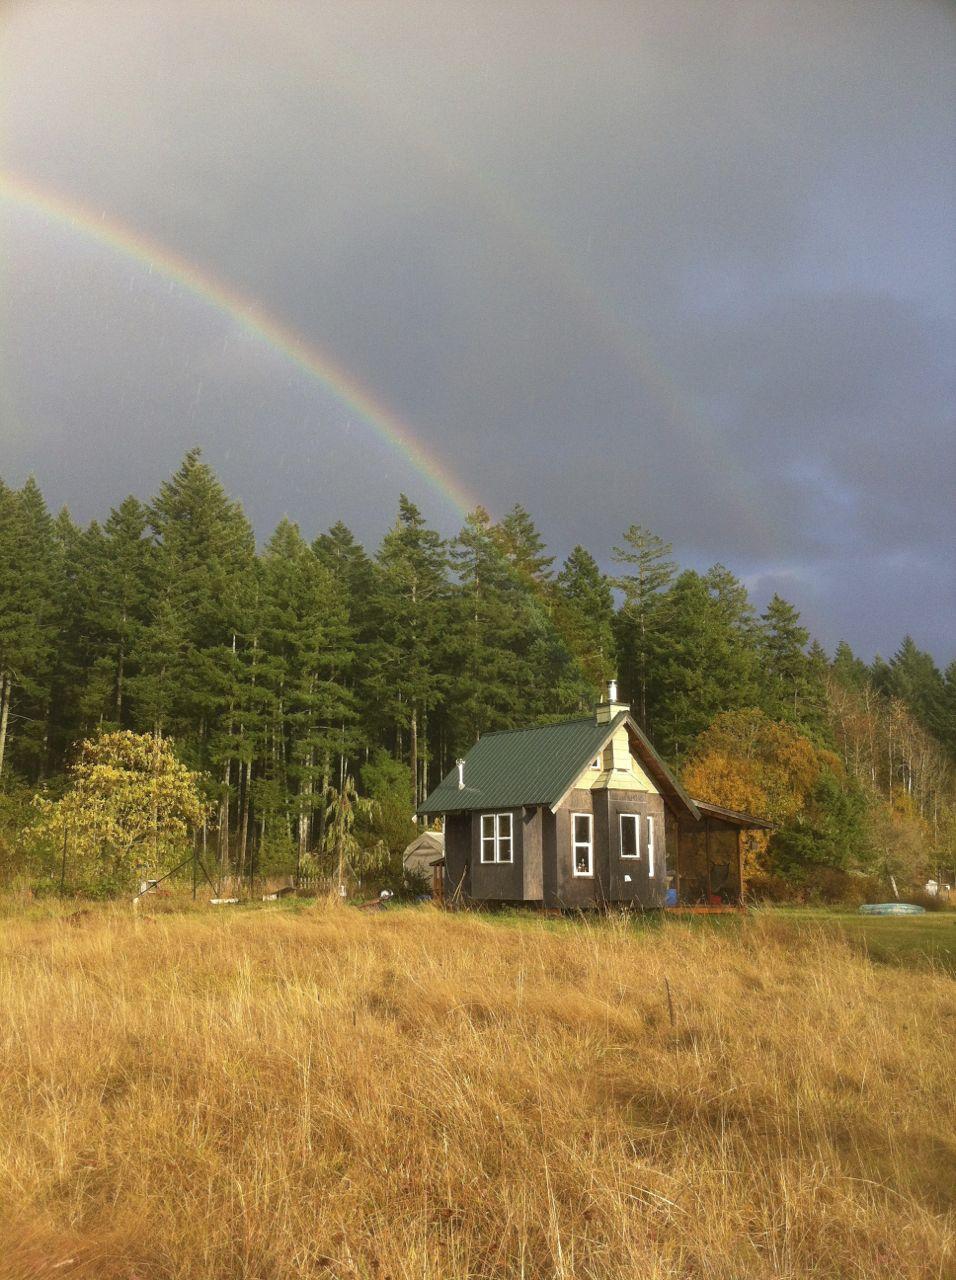 rainbowcabin.jpg